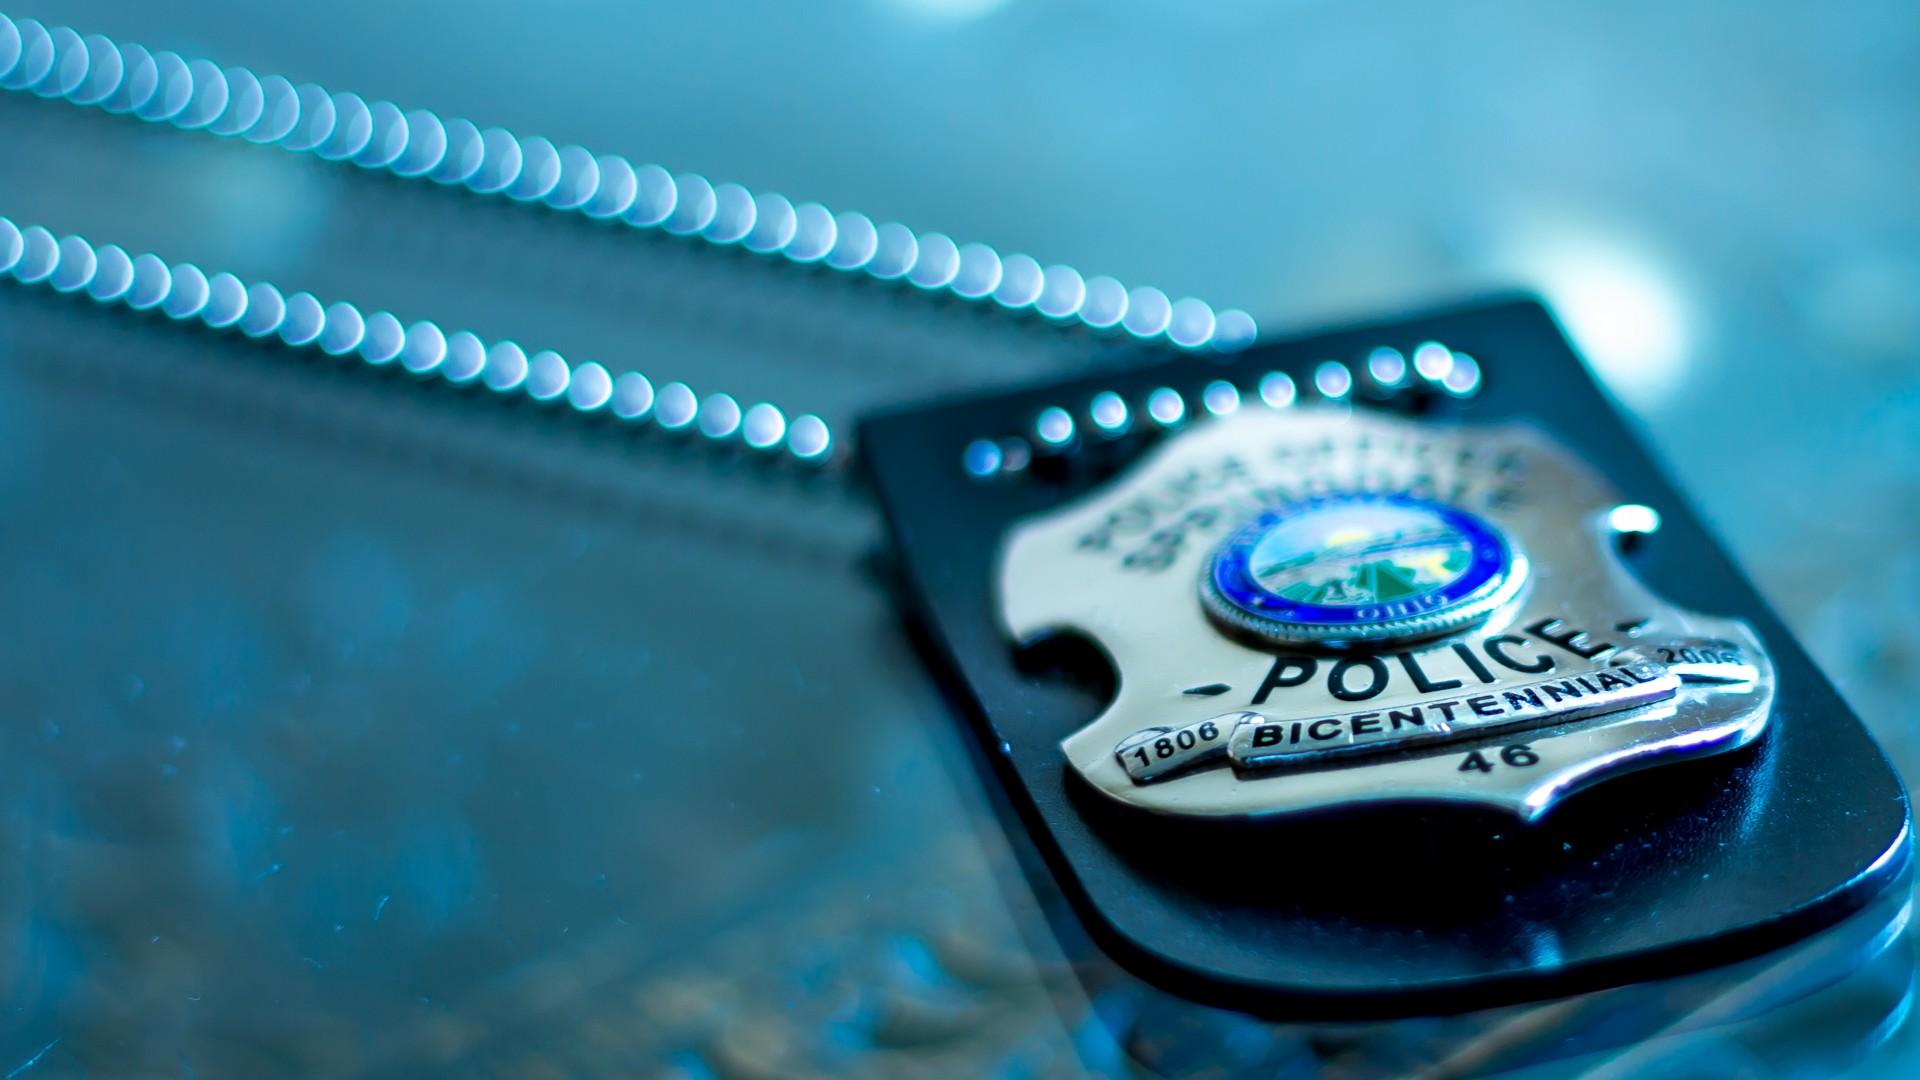 law enforcement badge wallpaper wwwimgkidcom the